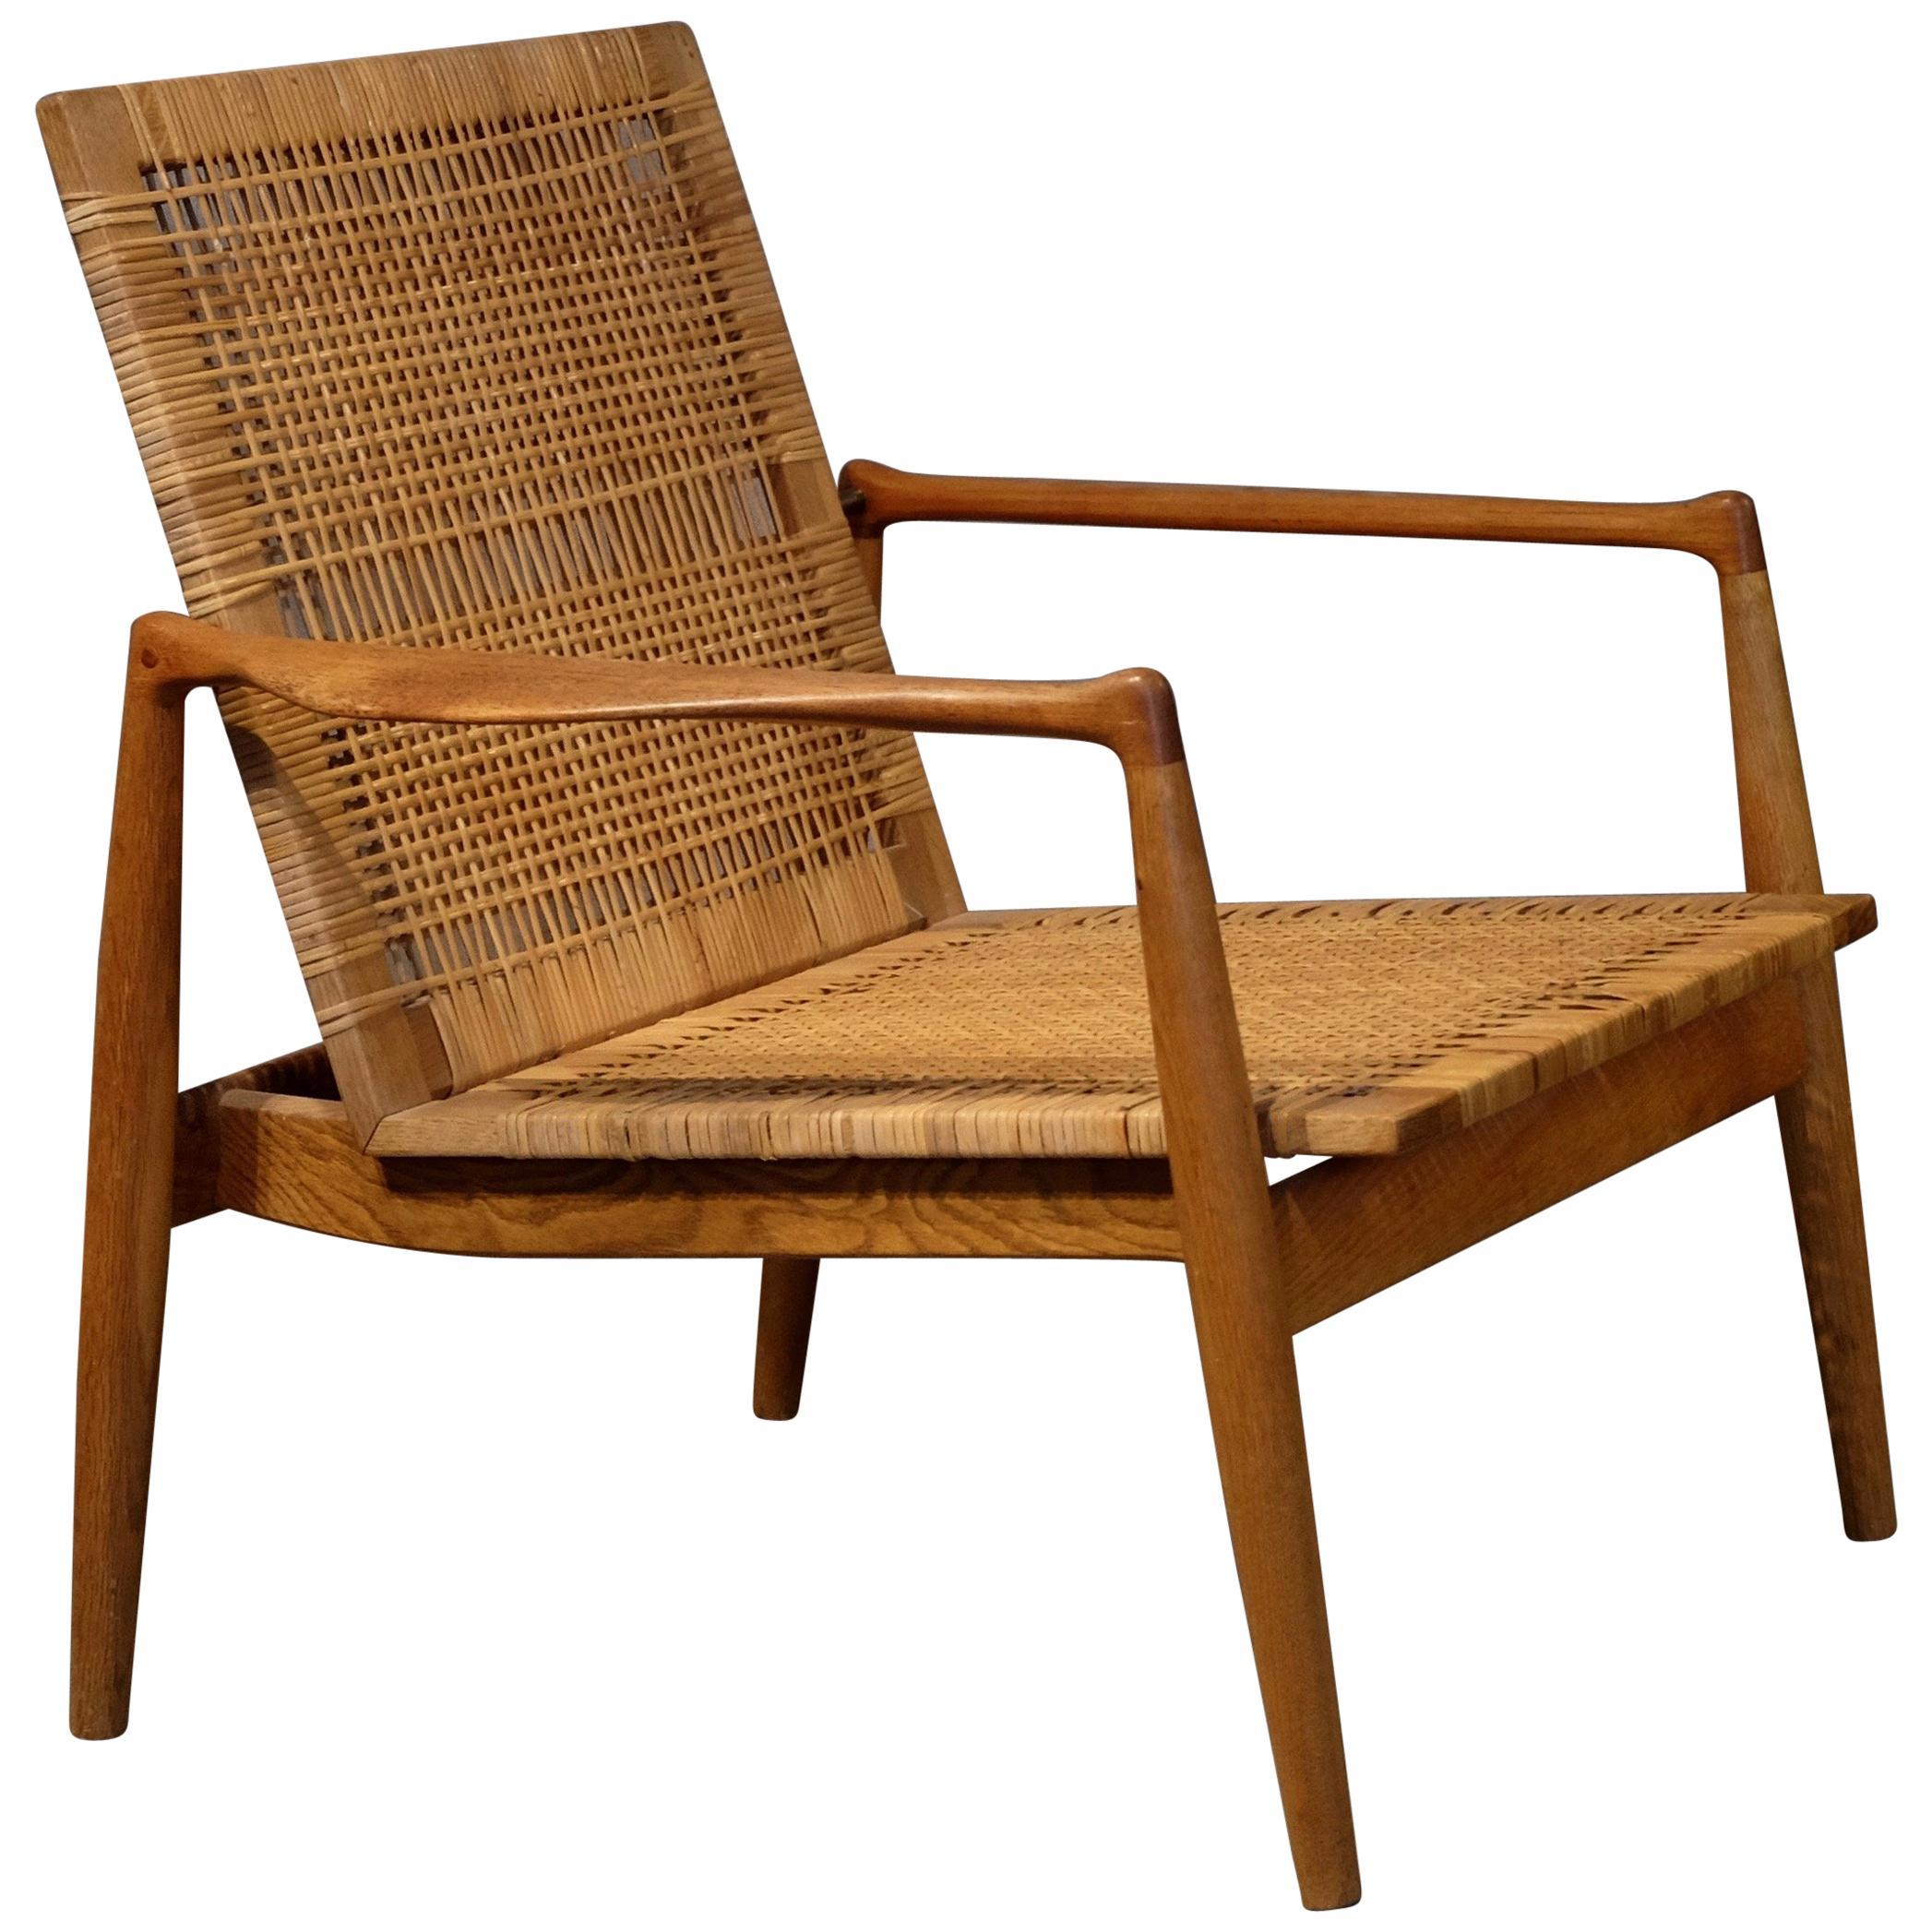 Rare Finn Juhl SW-96 Easy Chair for Cabinetmaker Søren Willadsen, 1950s